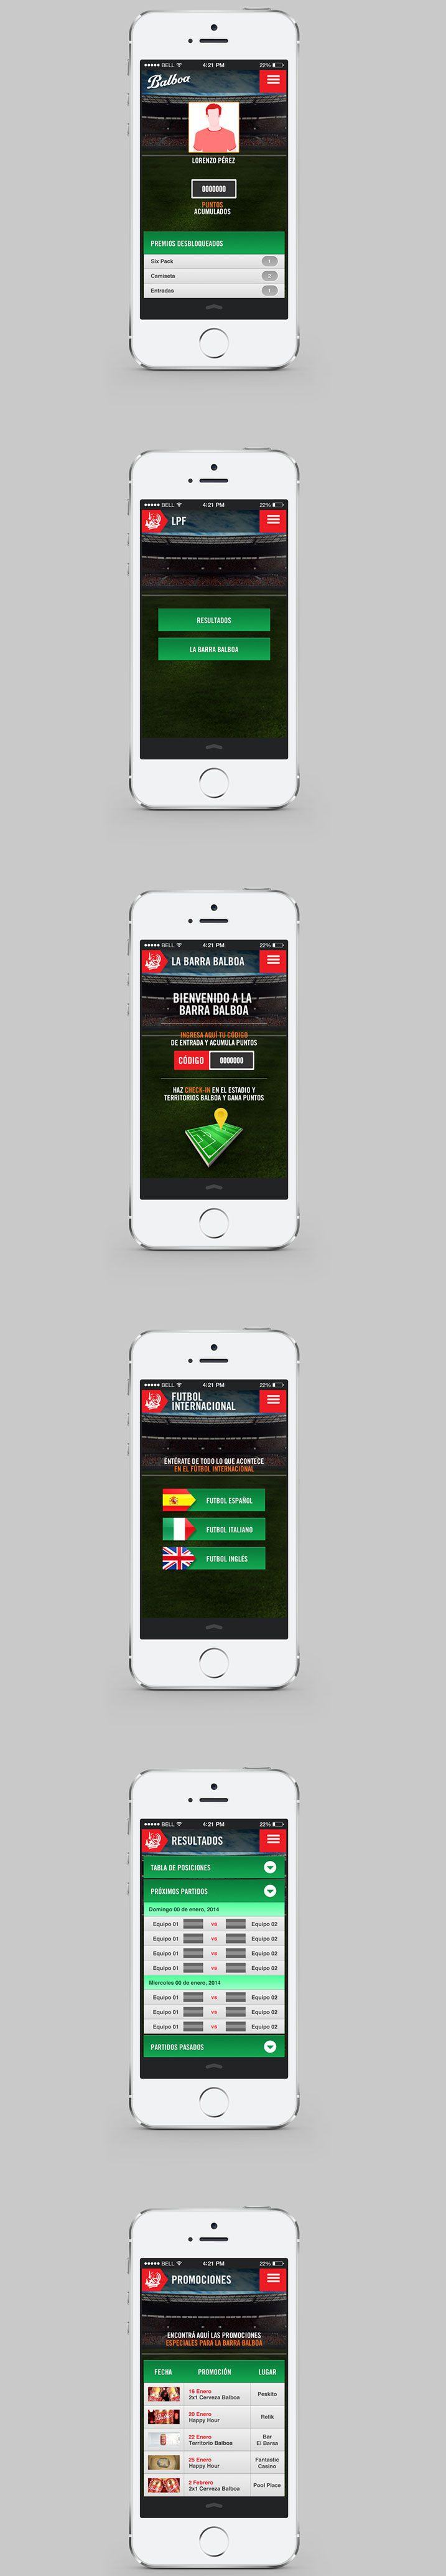 Balboa Soccer App